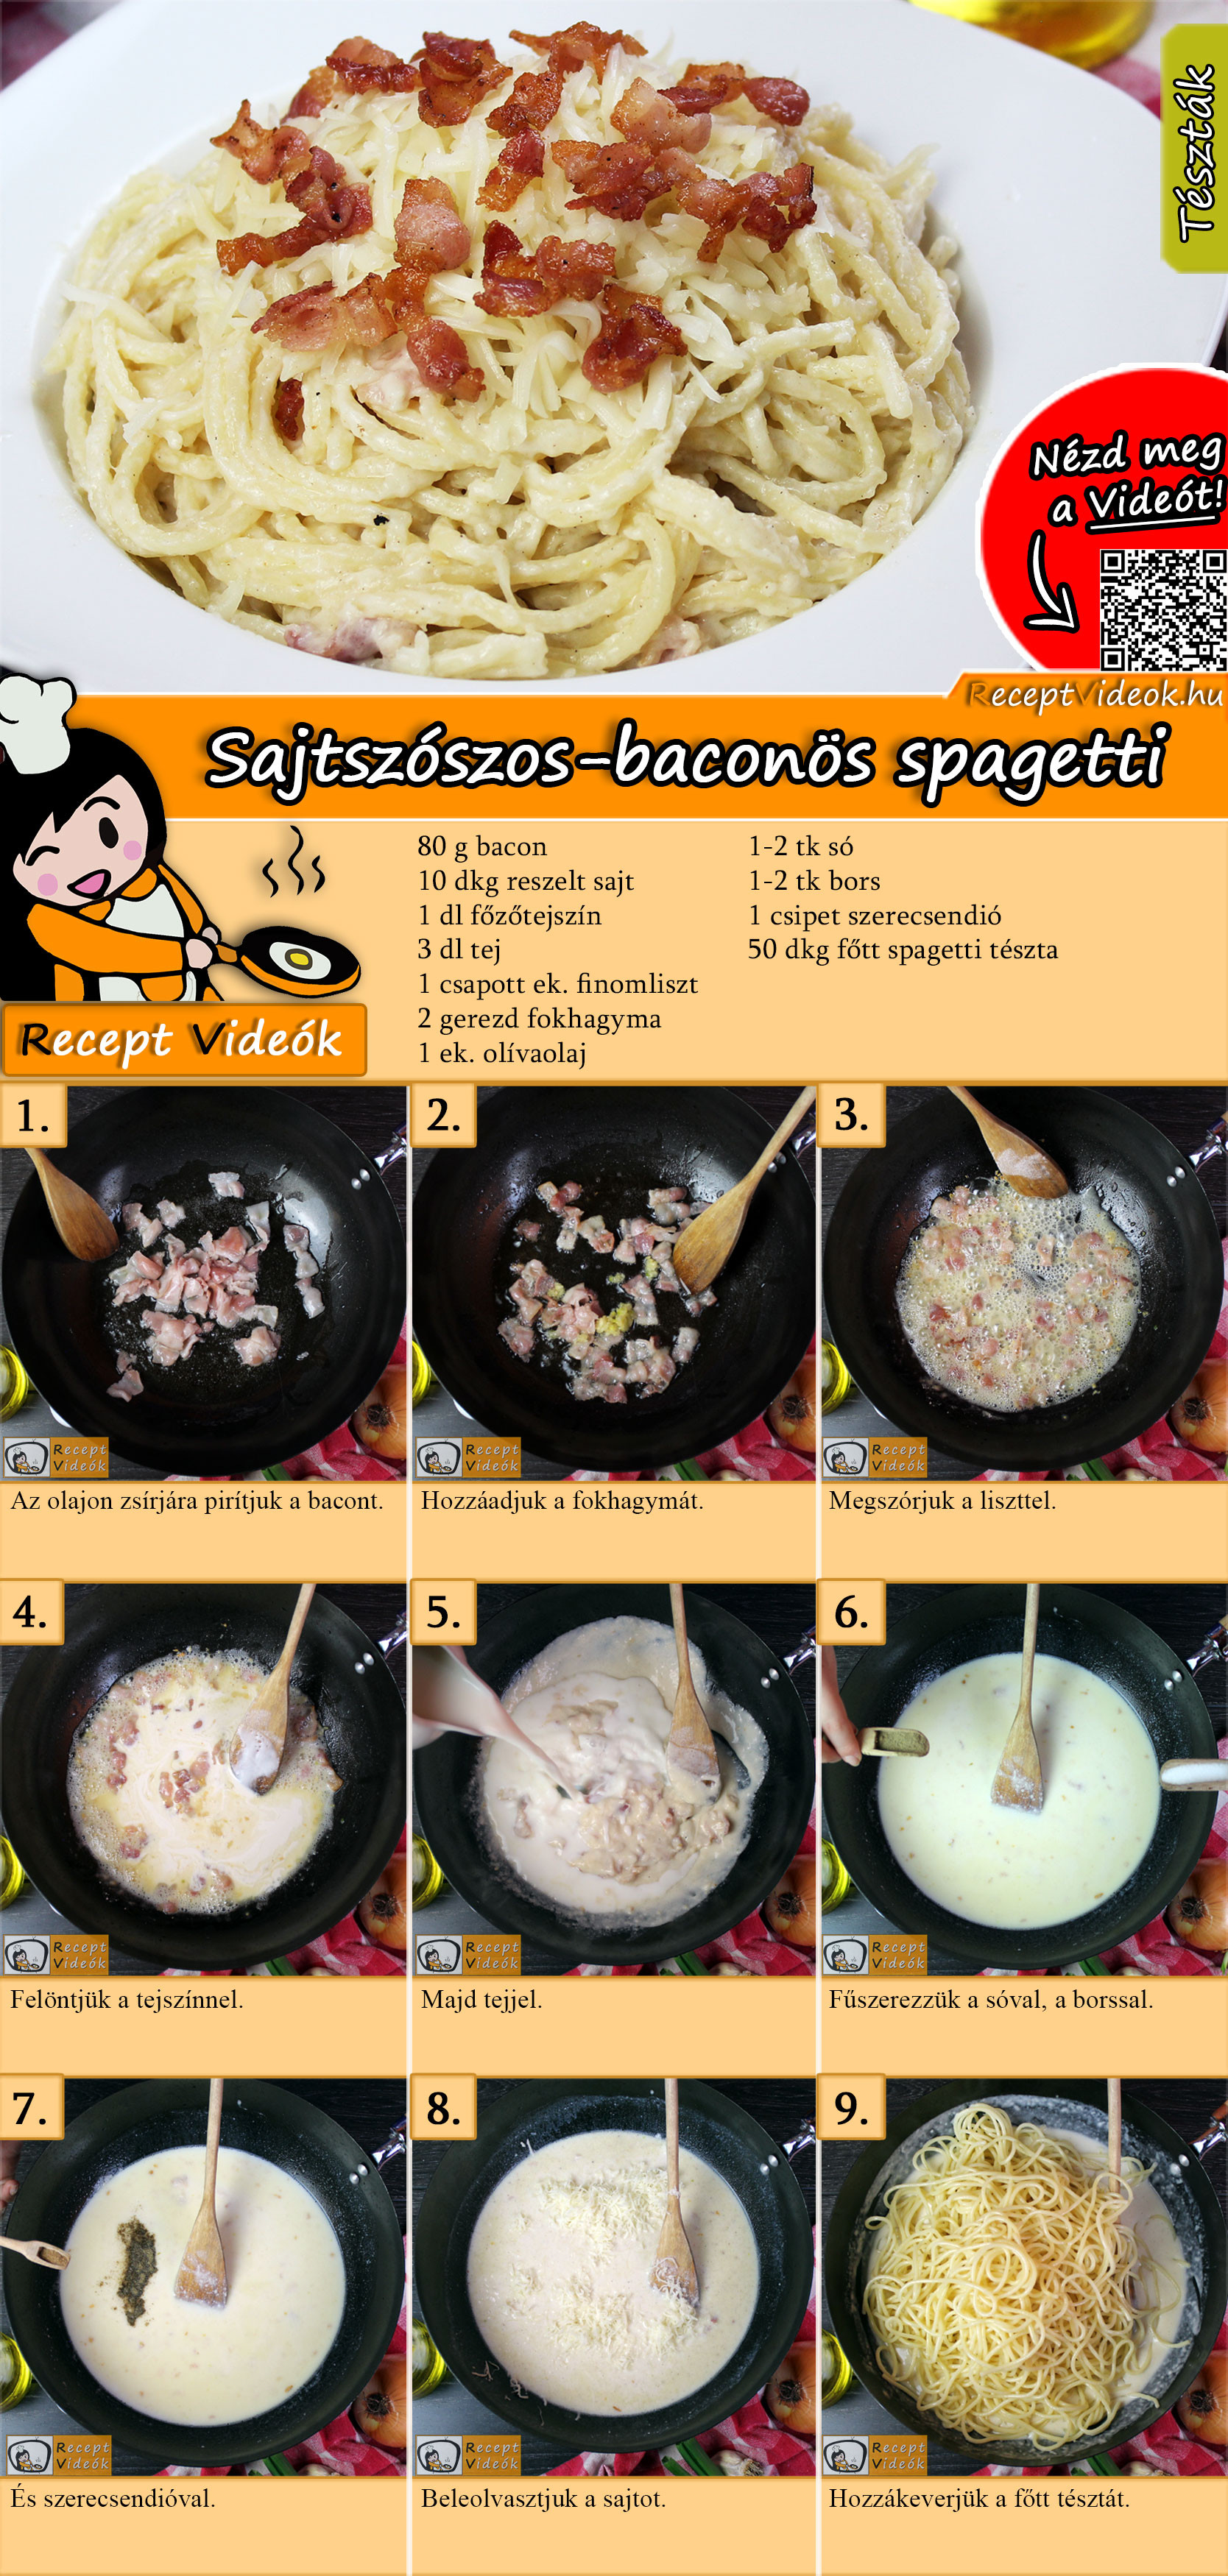 Sajtszószos-baconös spagetti recept elkészítése videóval